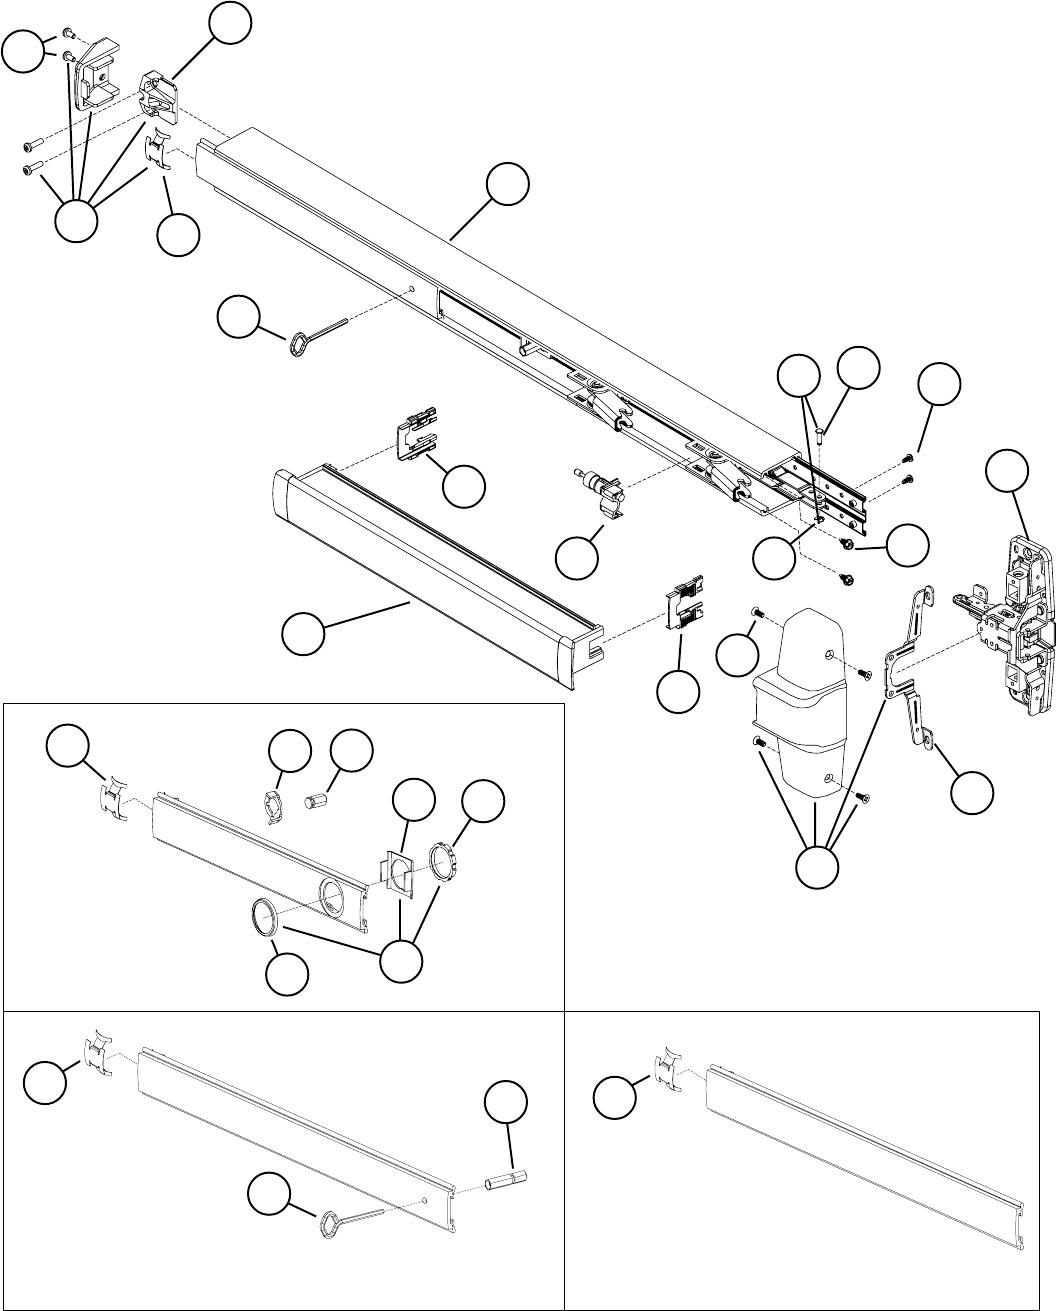 Von Duprin 6300 Wire Diagram | Wiring Schematic Diagram - 11 ... on